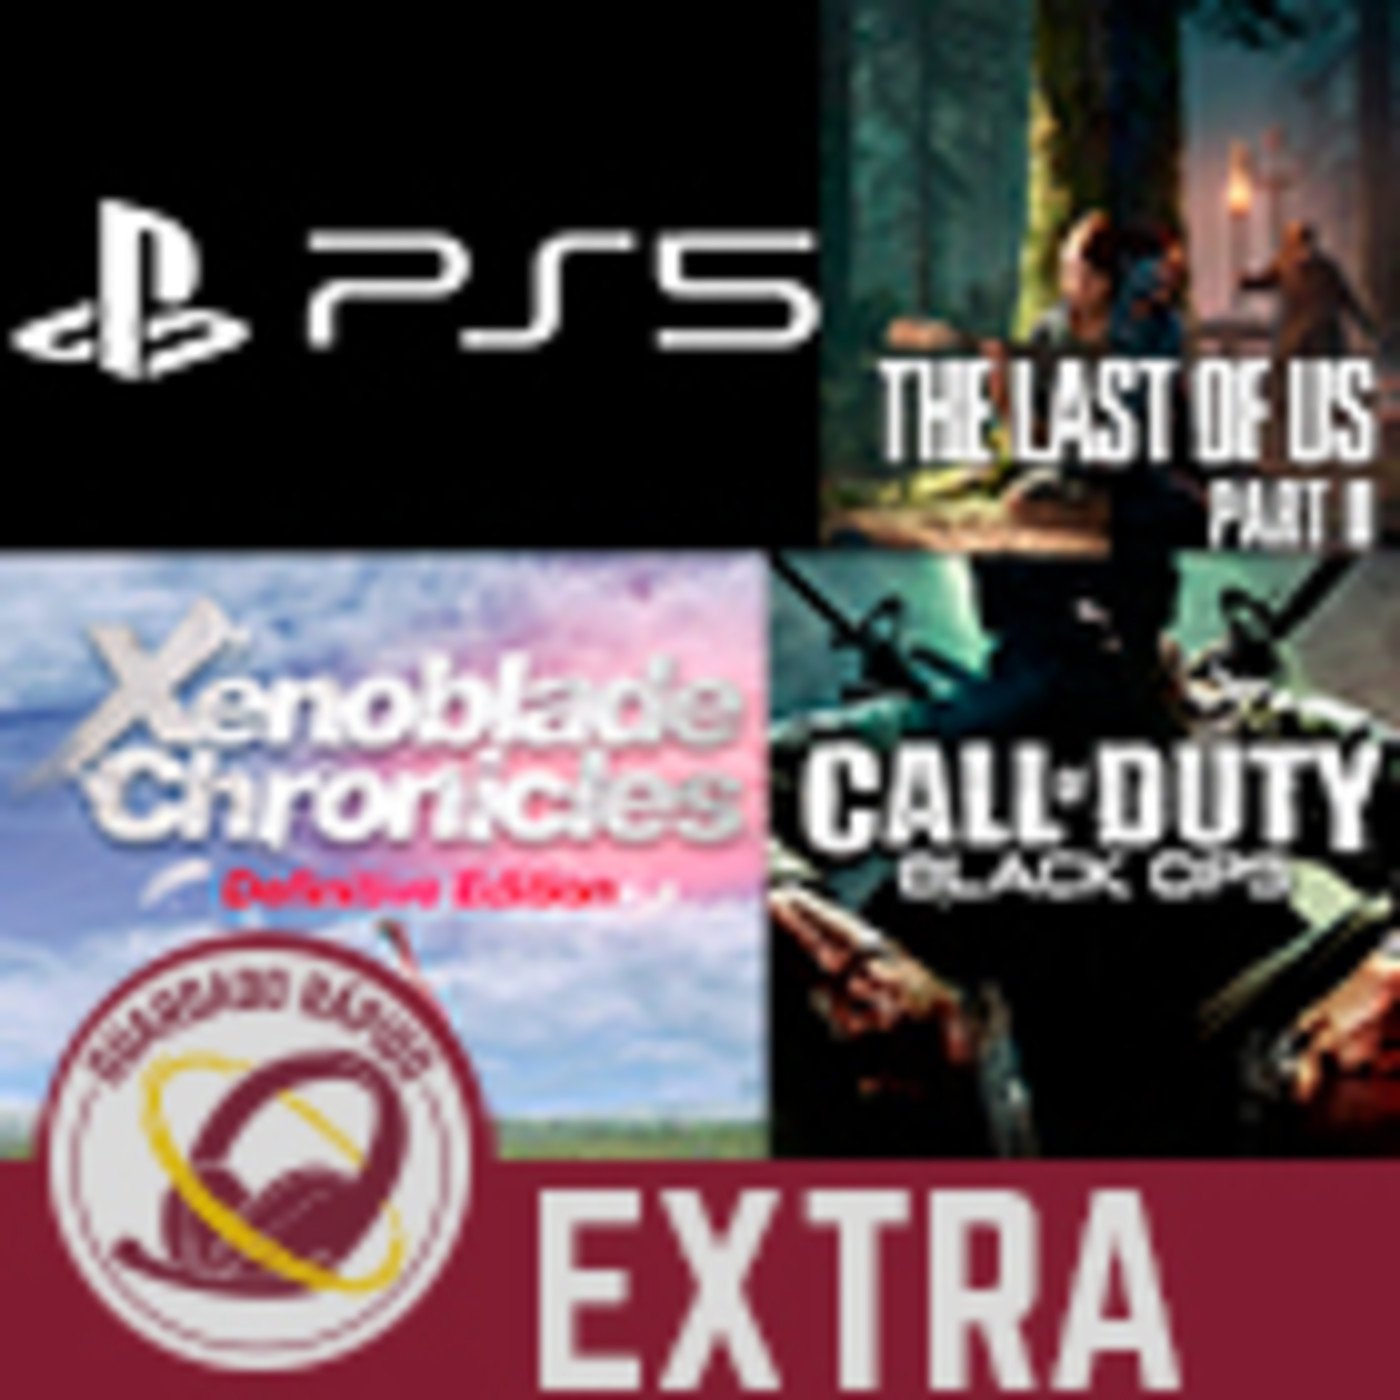 GR (EXTRA) PS5 vs XBOX SERIES X, problemas para Final Fantasy VII Remake, la nieve en TLOU II, Xenoblade Chronicles DE..